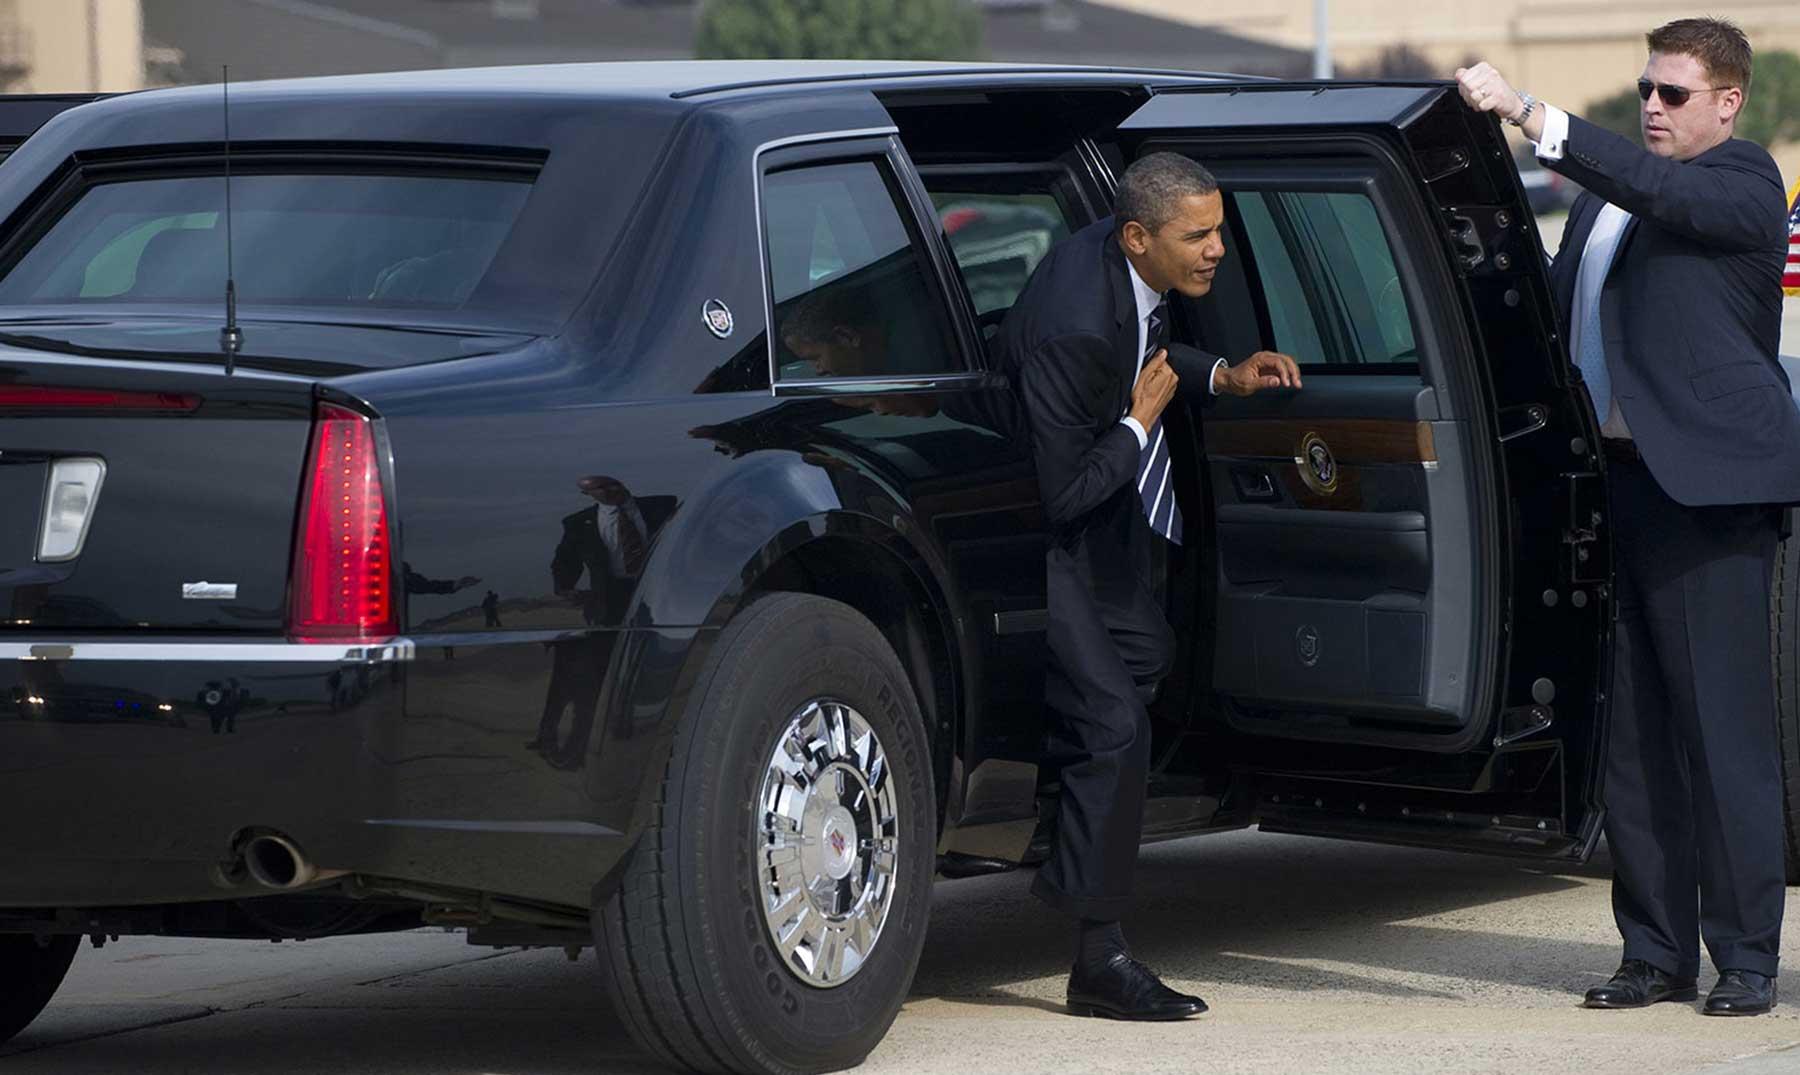 La bestia, el coche tanque de Obama